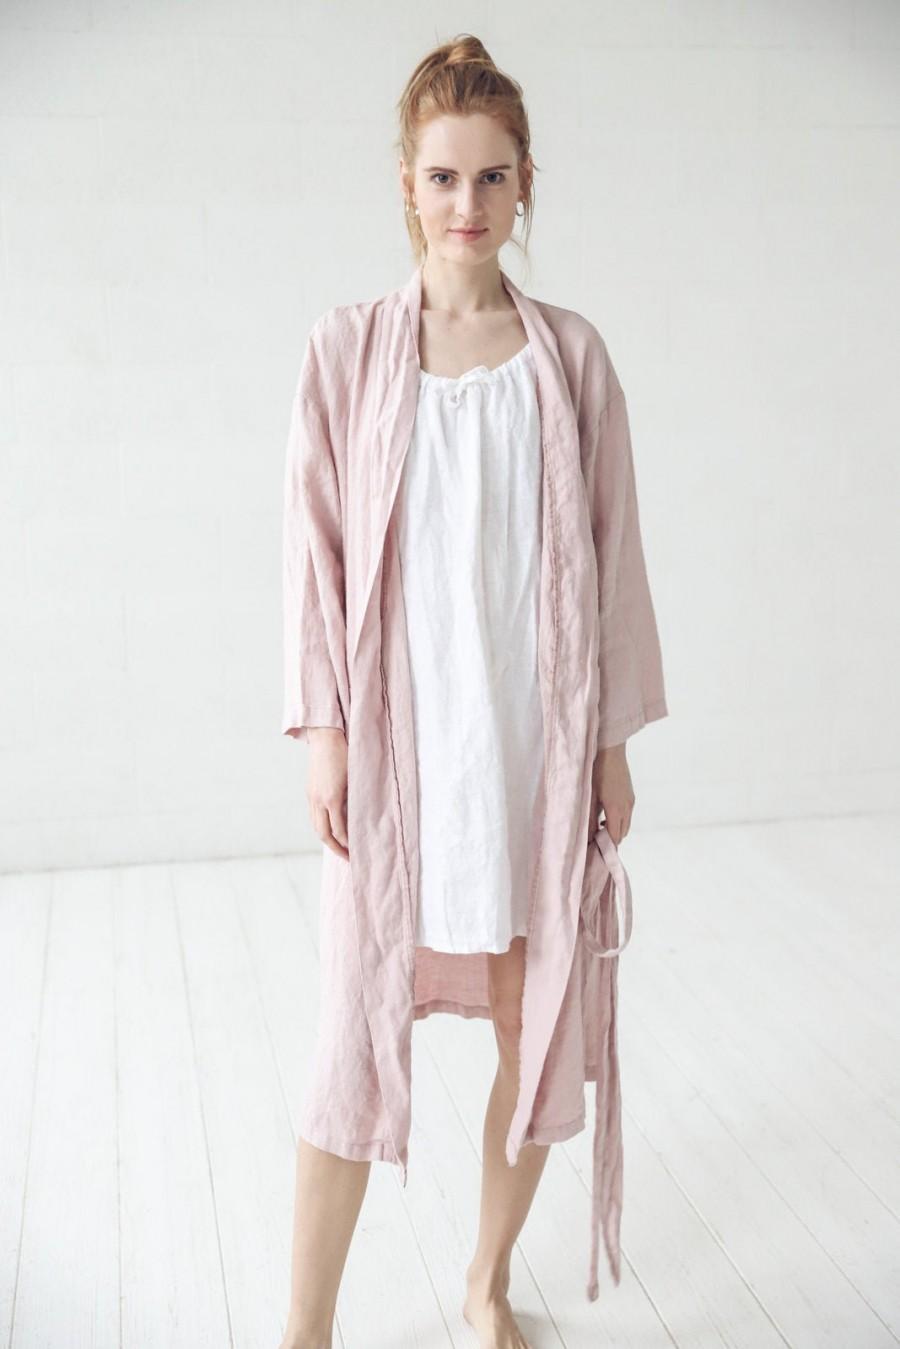 Wedding - Linen Night Gown, Dressing Gown, Long Bath Robe, Handmade Linen Robe